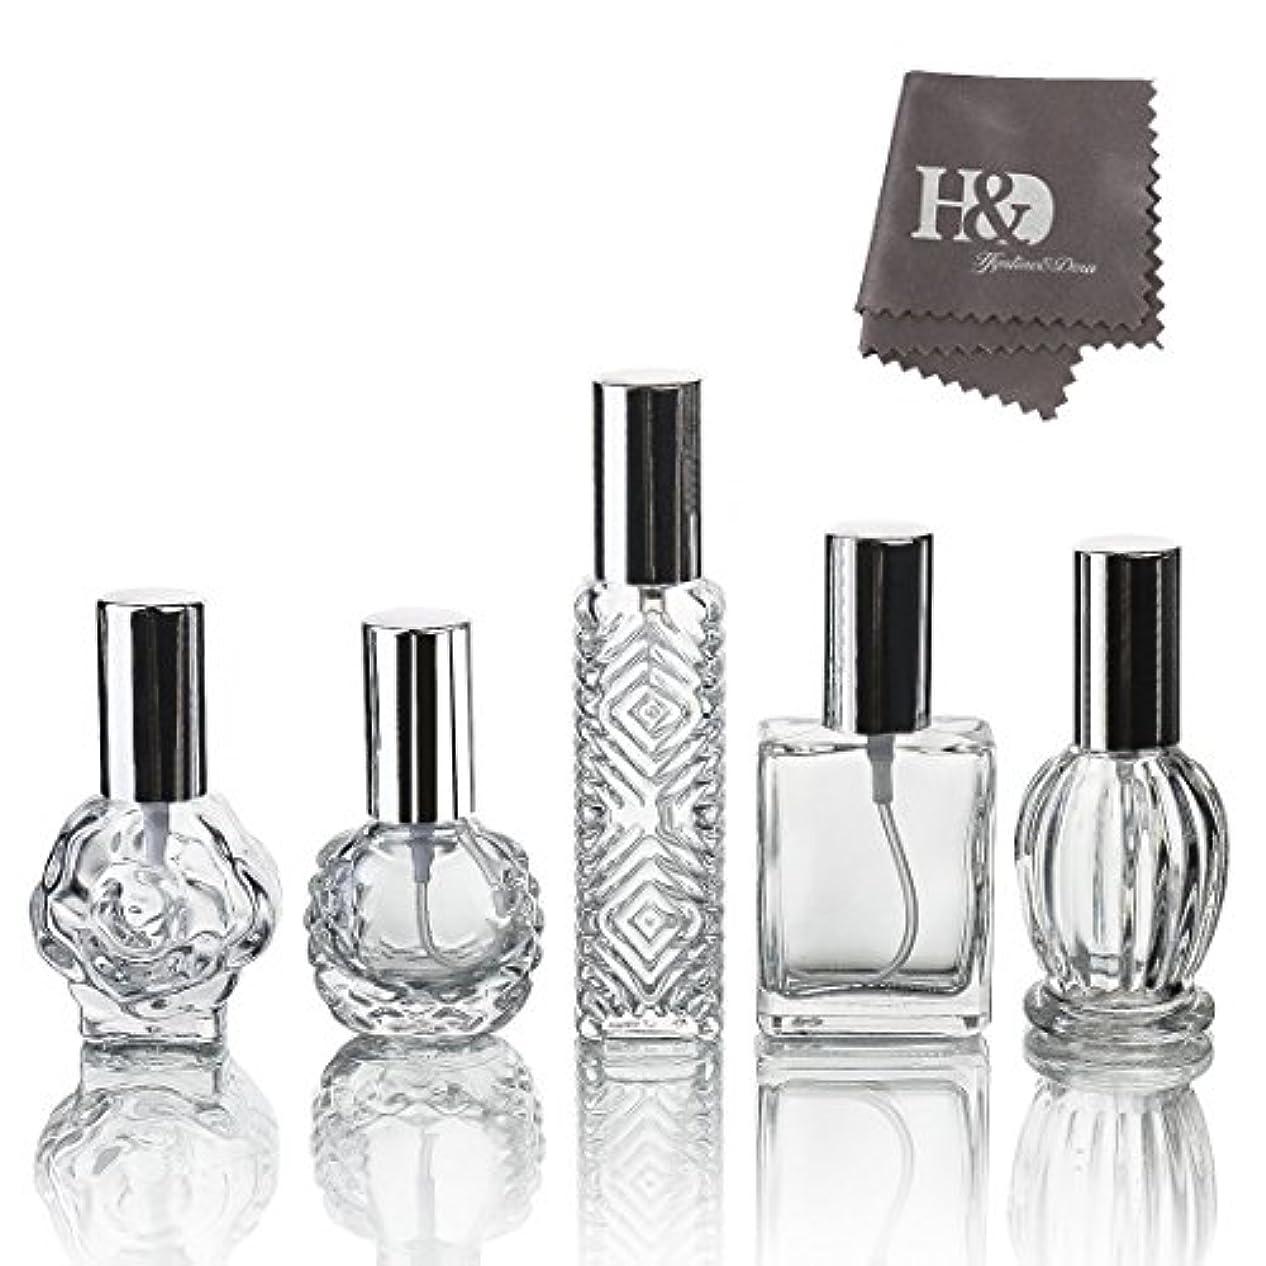 別々にモデレータ排泄物H&D 5枚セット ガラスボトル 香水瓶 詰替用瓶 分け瓶 旅行用品 化粧水用瓶 装飾雑貨 ガラス製 (2)